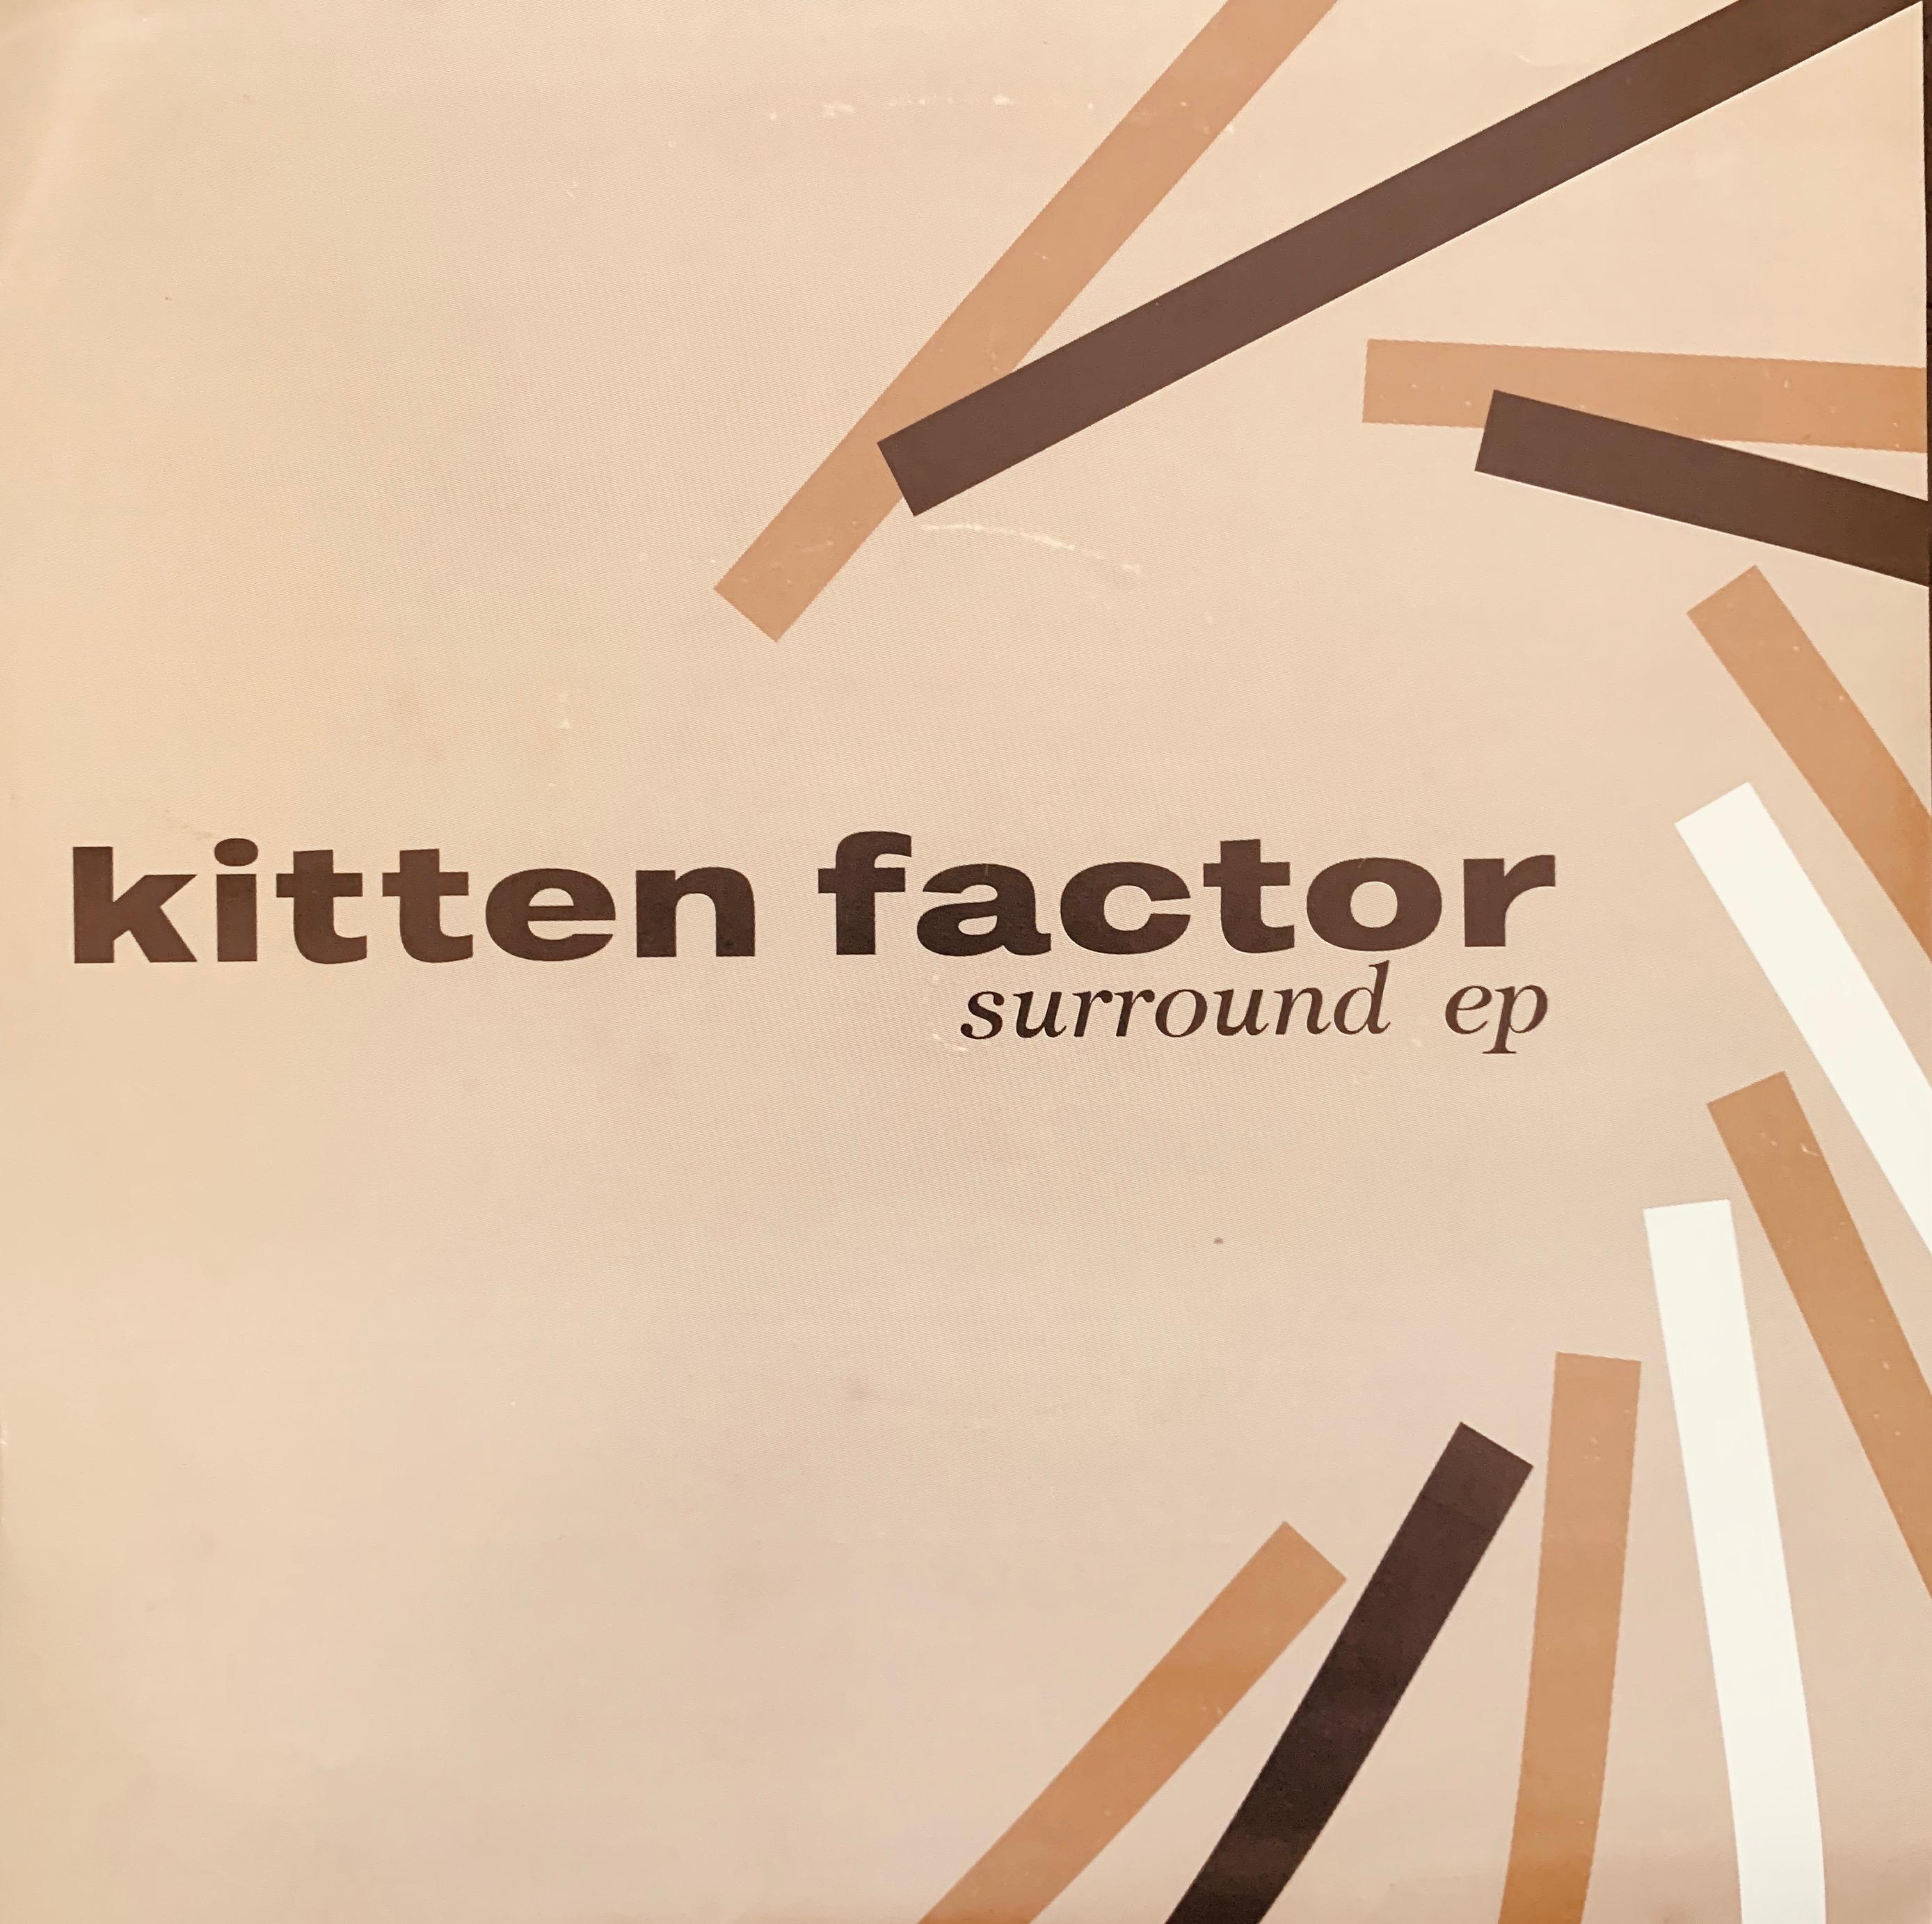 Kitten Factor - Surround 7